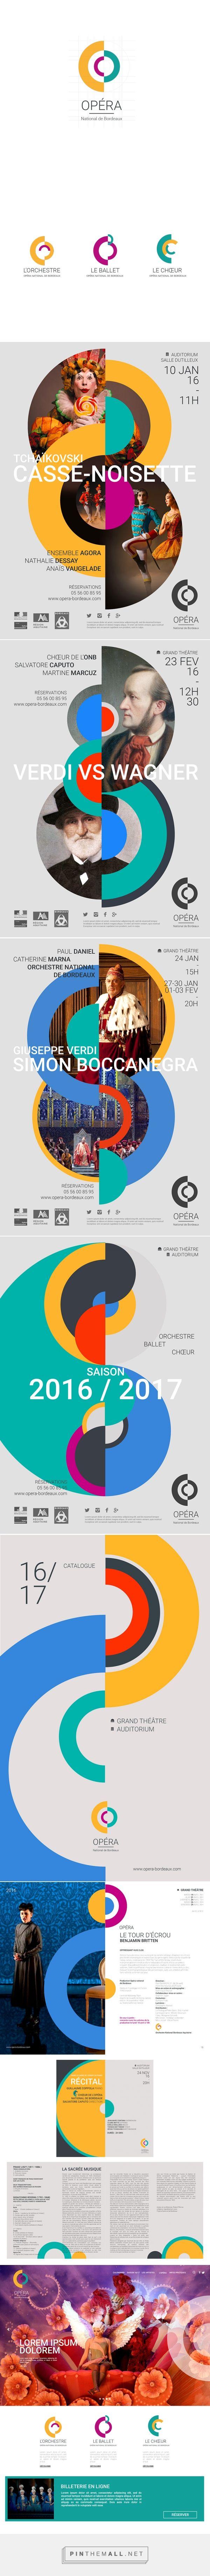 identité de l'opéra national de bordeaux by Jérémie Bonne | Get professional web design services and logo's at http://www.techhelp.ca